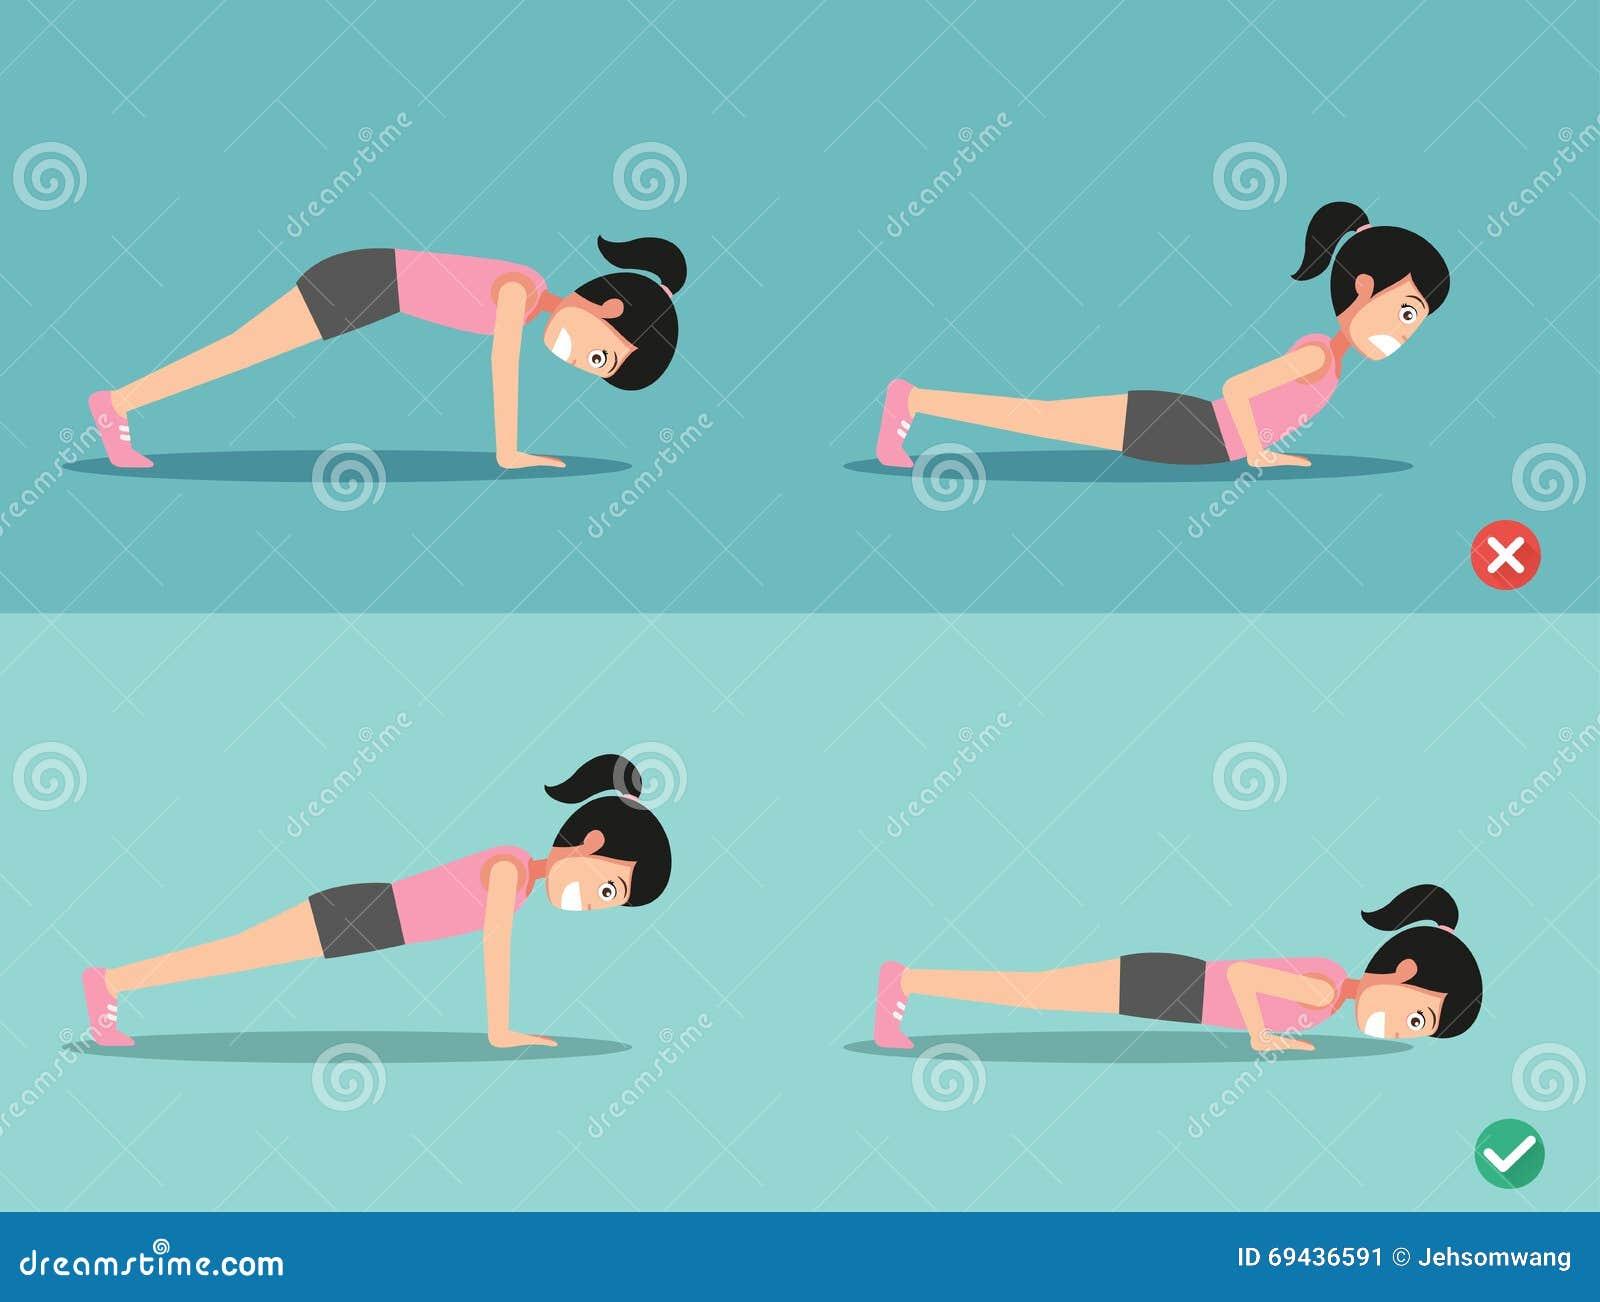 错误和正确的俯卧撑姿势,传染媒介例证.